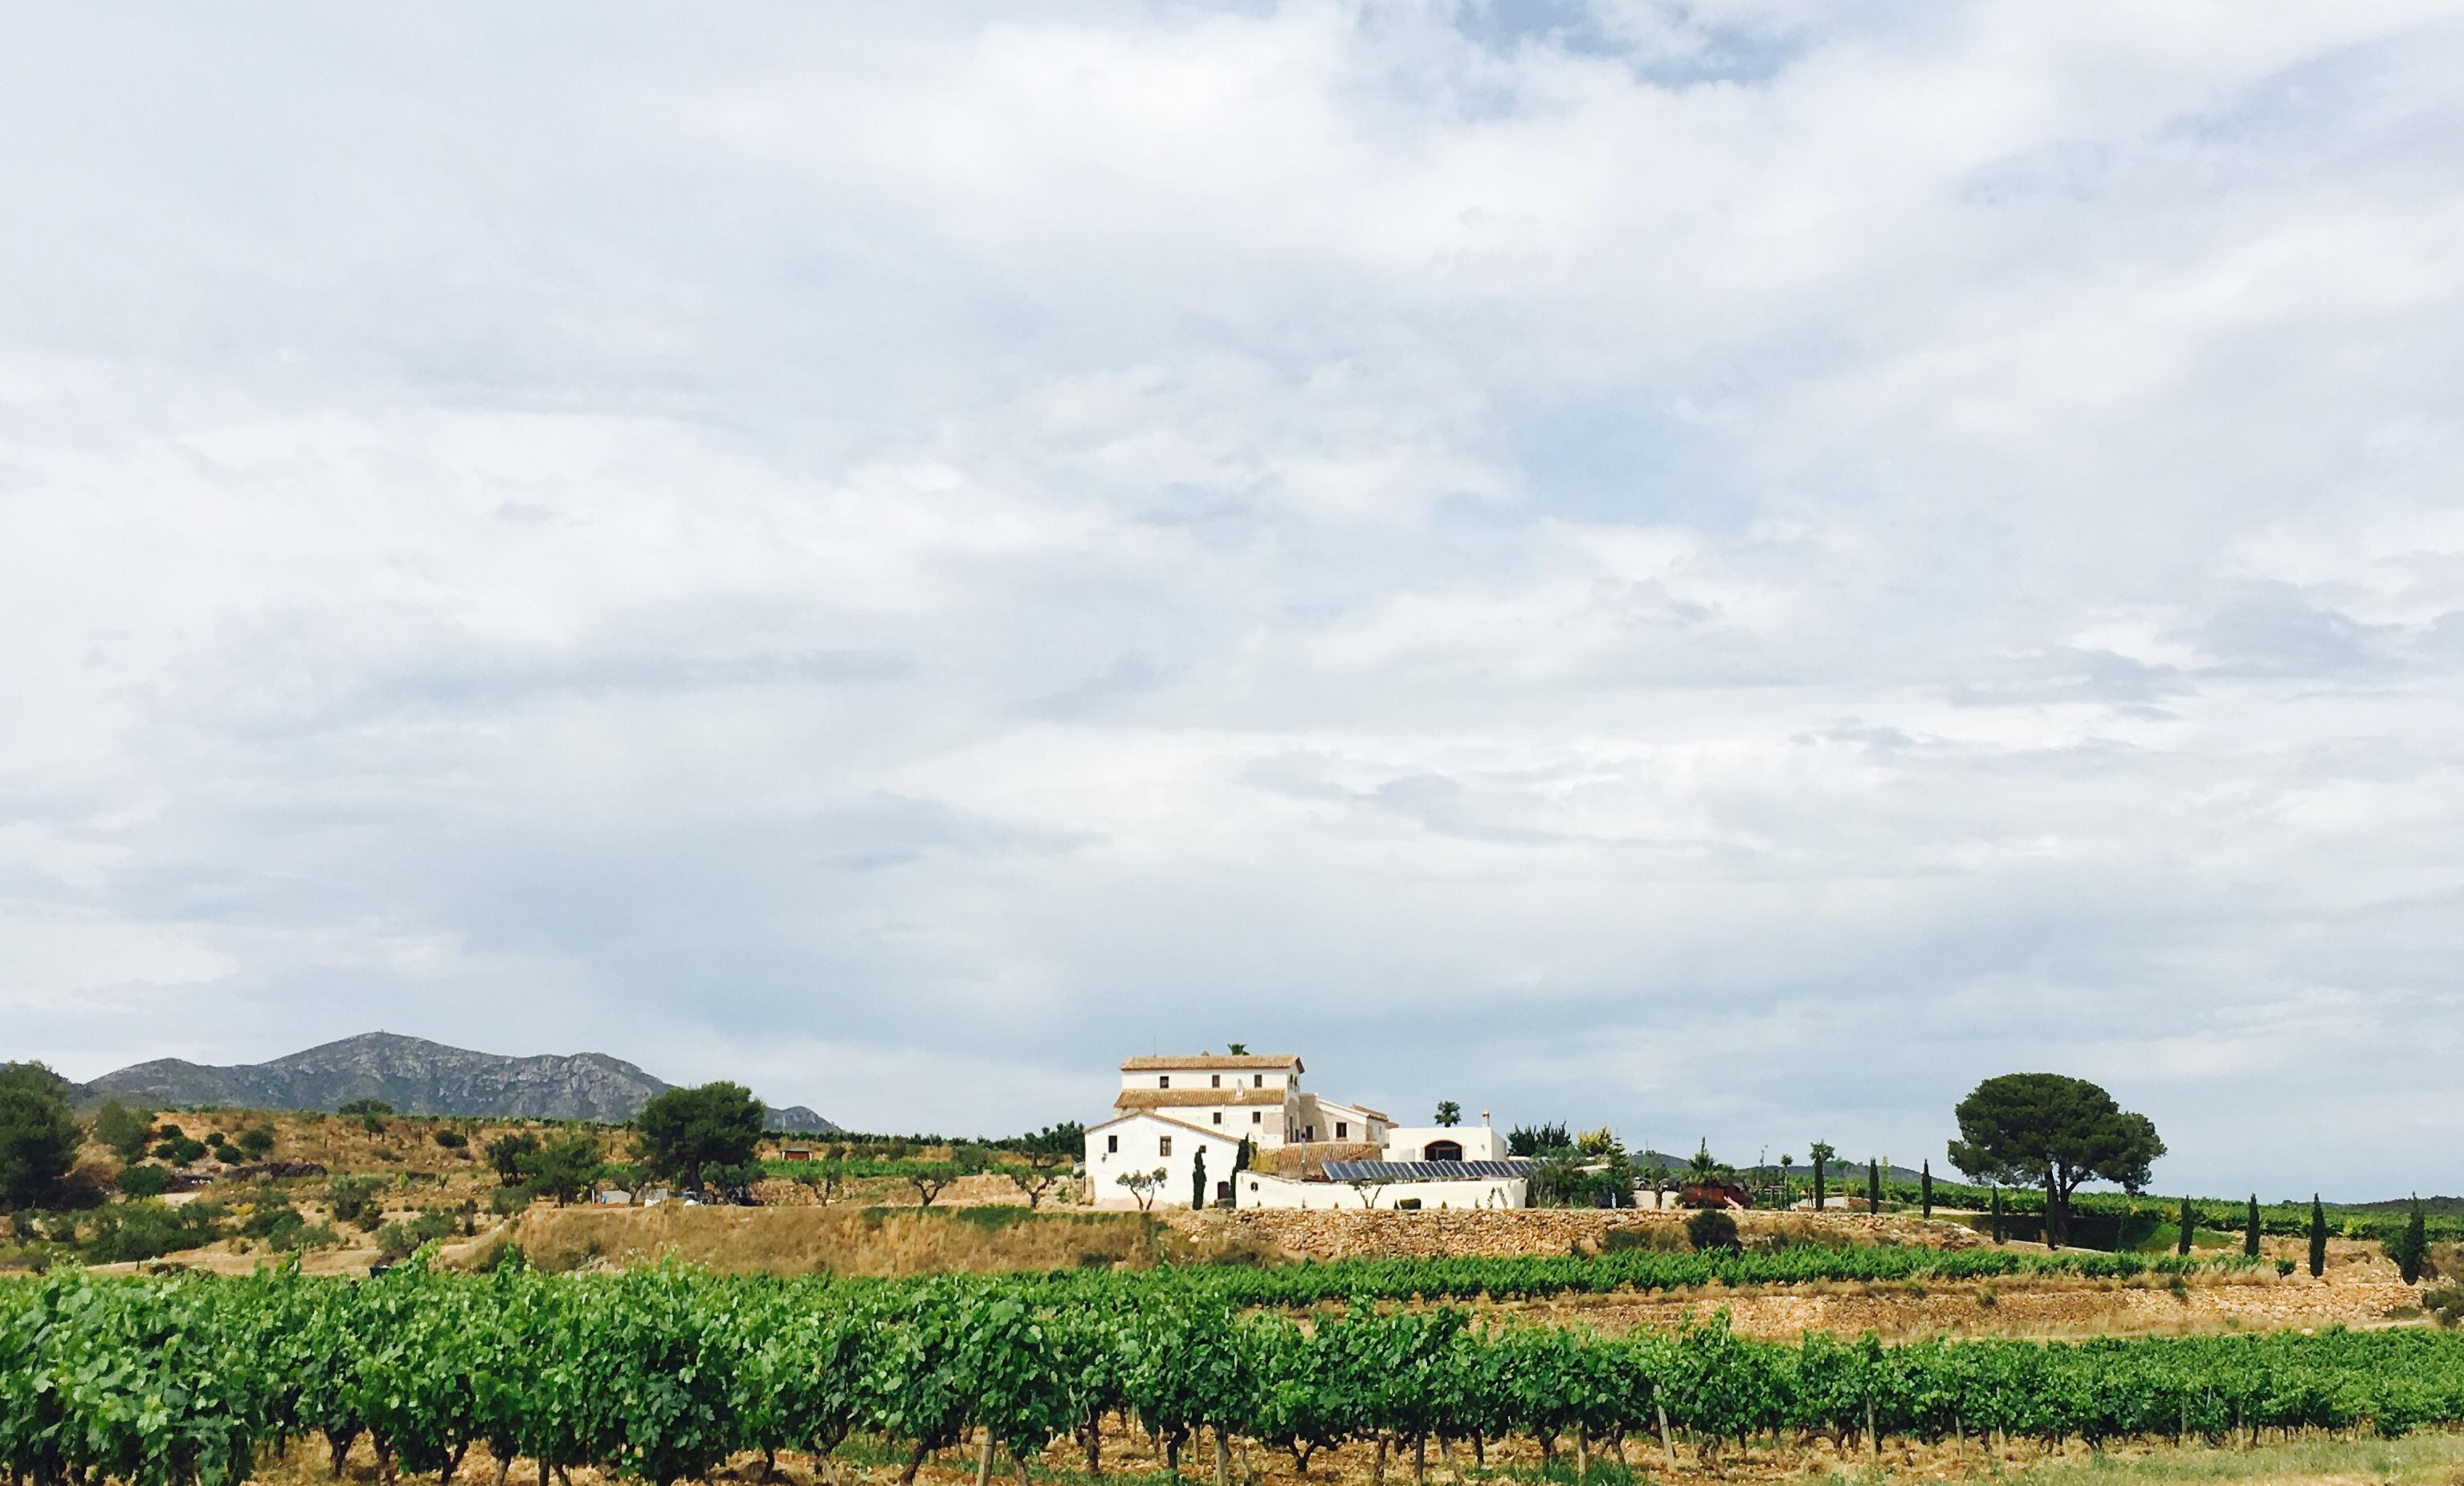 Mas Llagostera ha aconseguit recentment la certificació Ecolabel esdevenint així un referent en turisme sostenible al territori